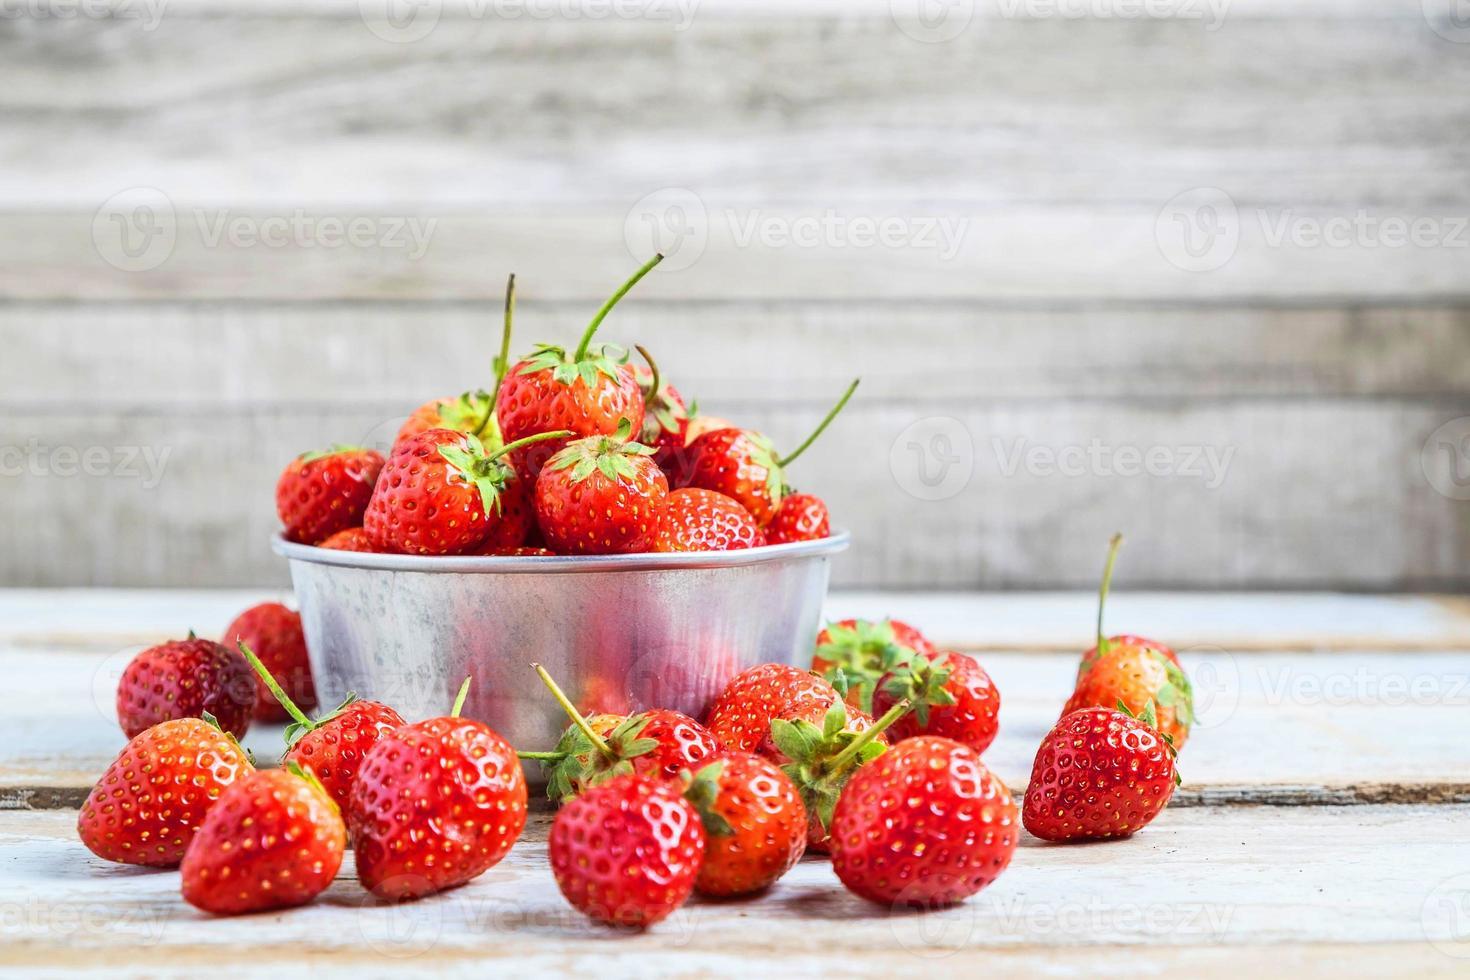 fraises dans un bol en métal photo